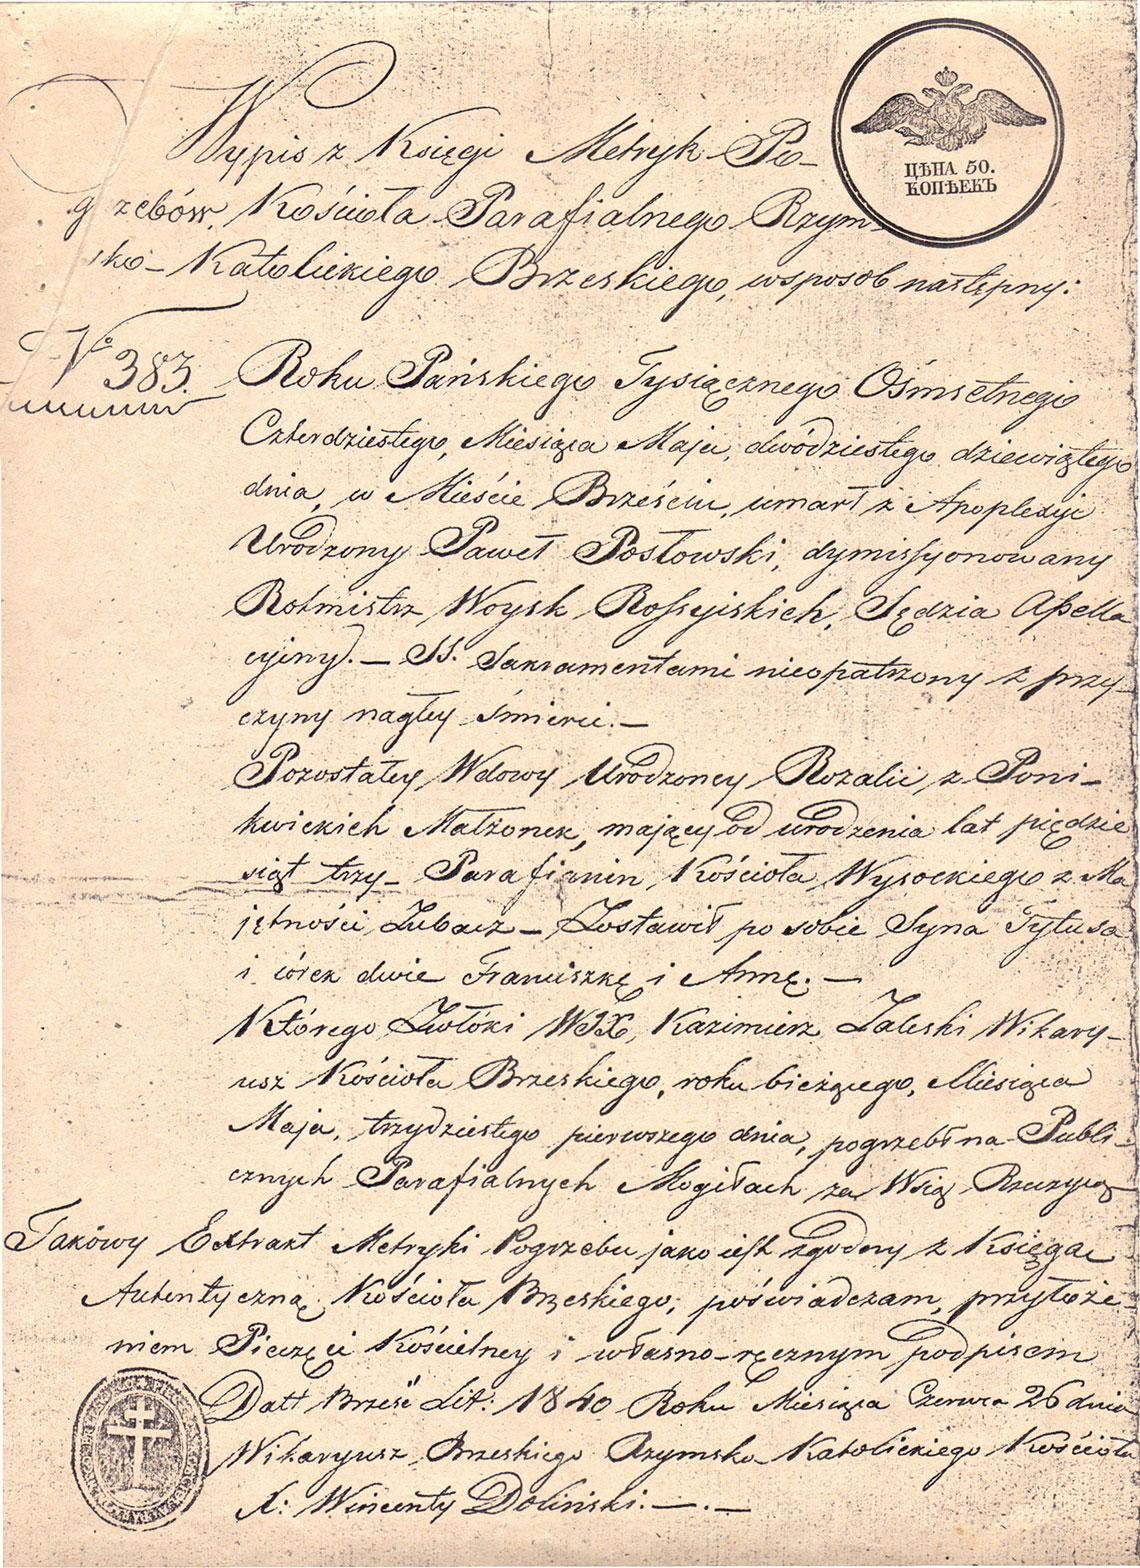 Wypis z metryki pogrzebania Paweł Posłowski zm. 29.05.1840 r.